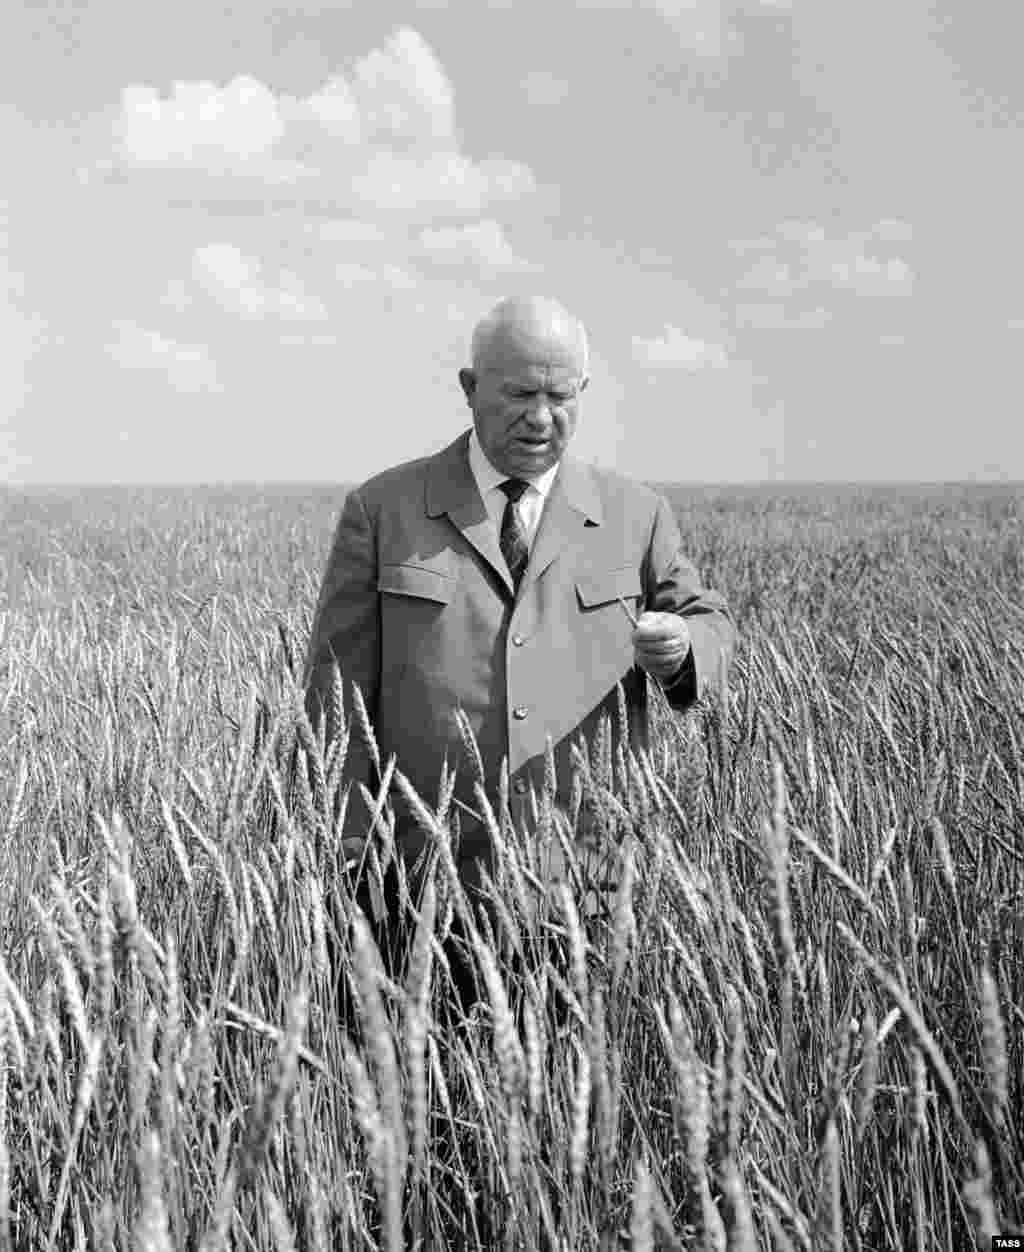 У середині 1950-х років Хрущов почав кампанію «піднімання цілини» – запровадження рільництва на раніше не оброблюваних землях у радянському Казахстані. На знімку 1964 року він позує на казахстанському полі.